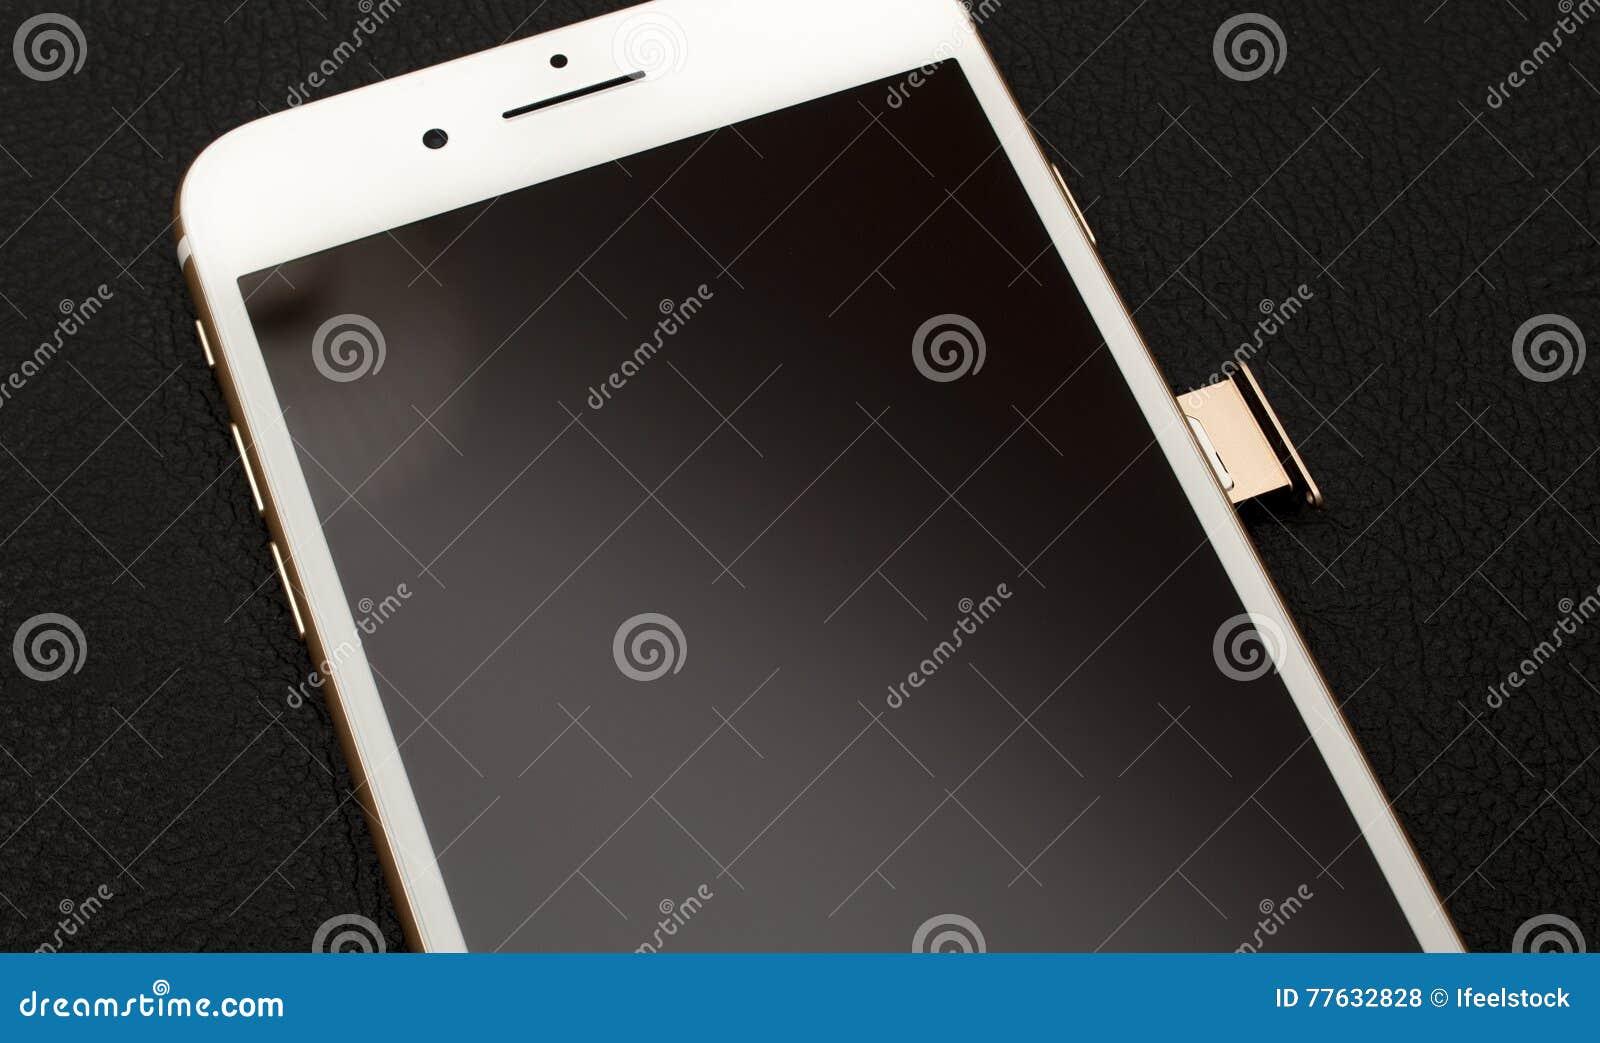 IPhone 7 plus de dubbele module van de camera unboxing inser SIM KAART